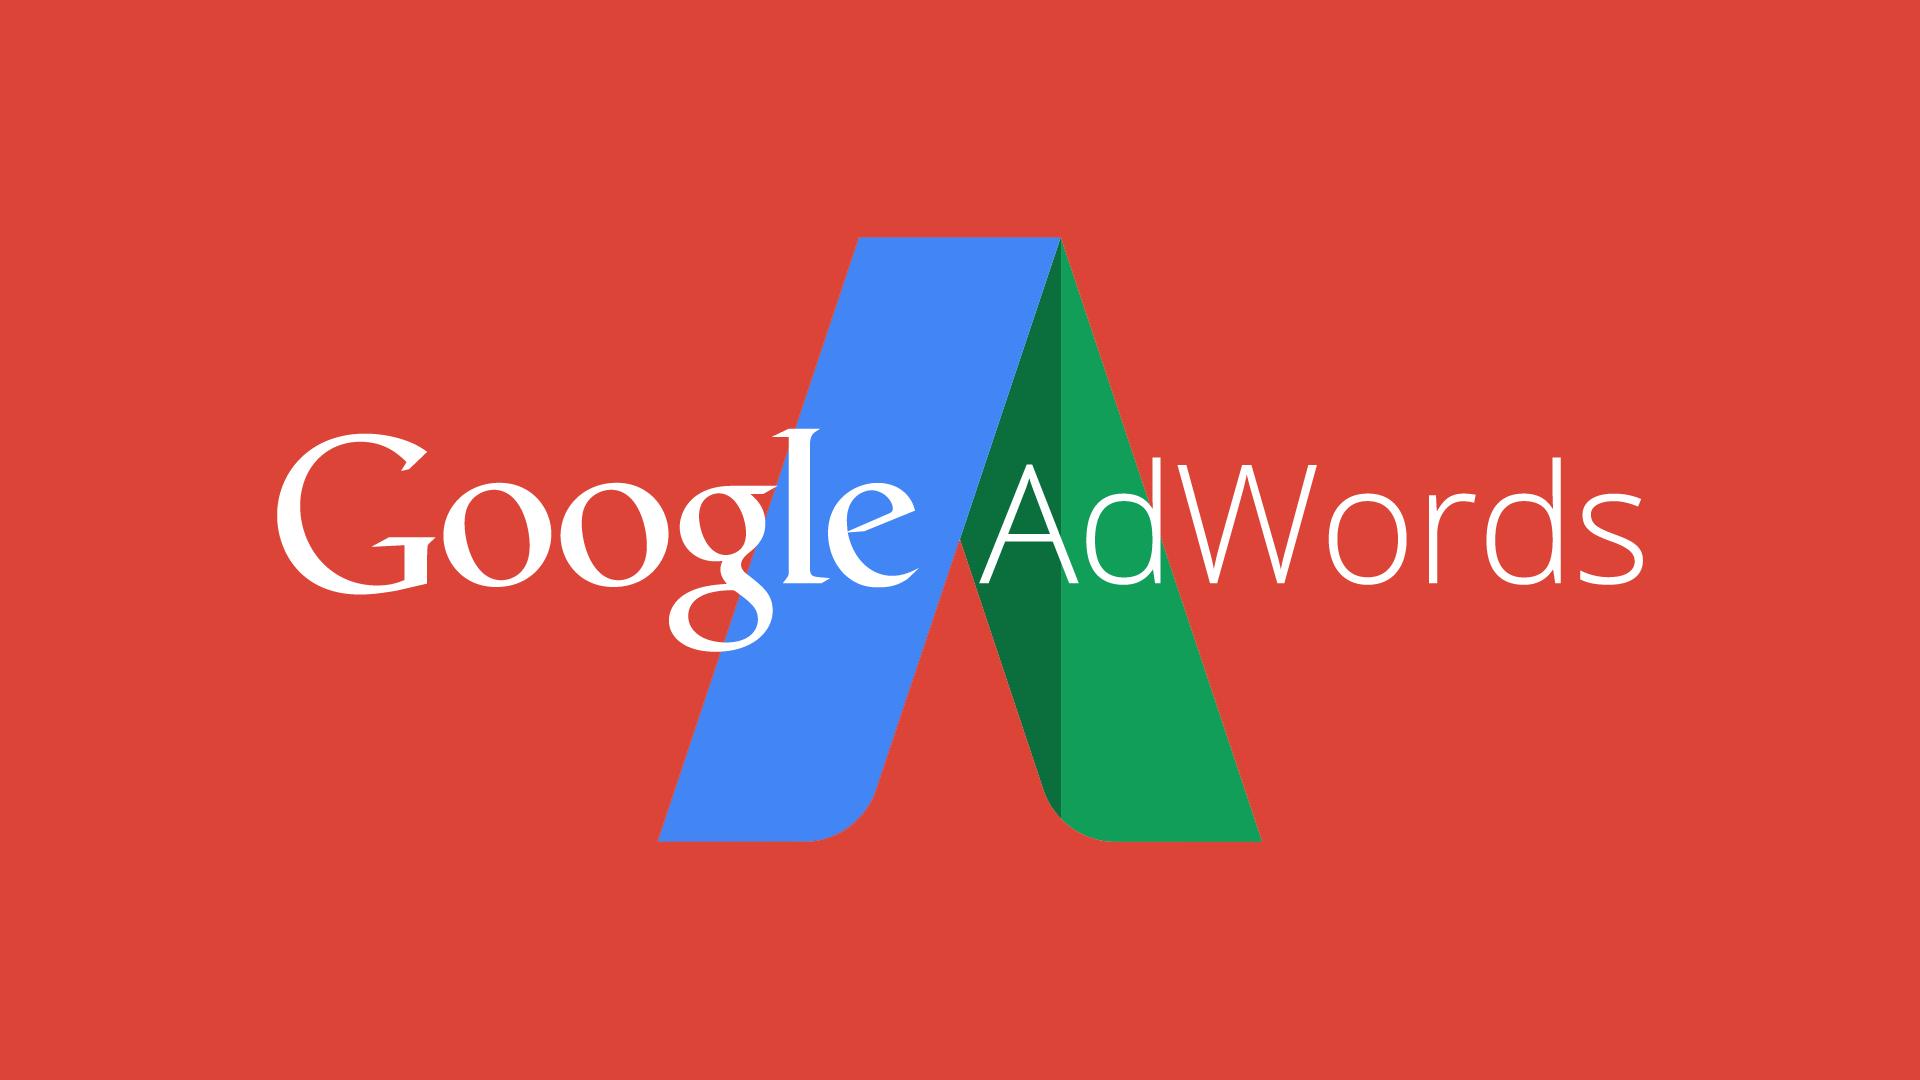 ¿Sabes que es Google Adwords?